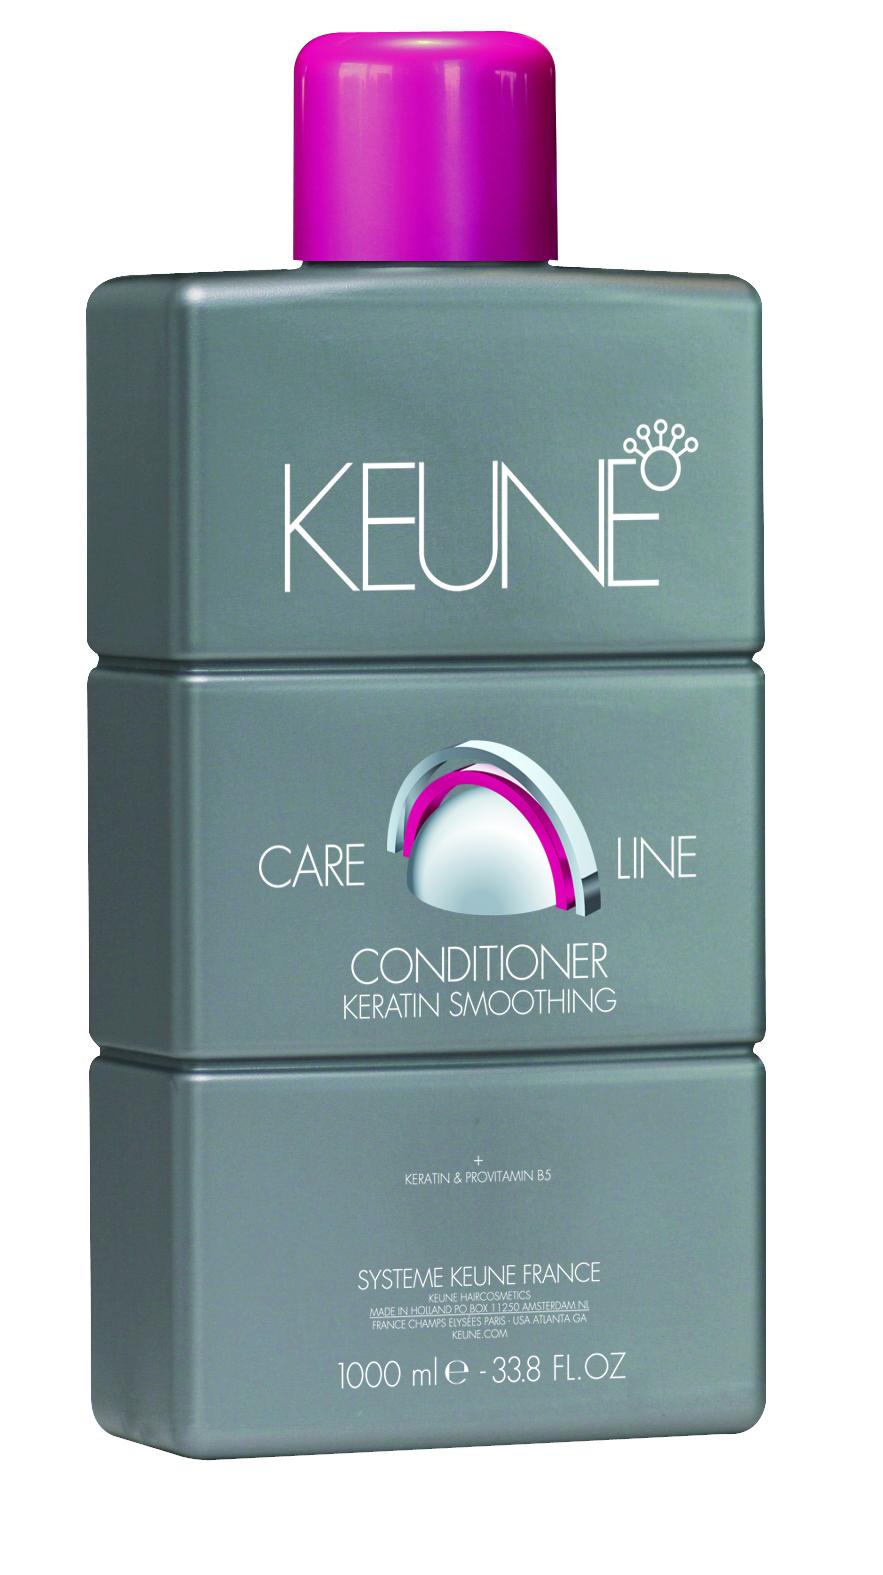 KEUNE Кондиционер Кэе Лайн Кератиновый комплекс / CL KERATIN SMOOTING CONDITIONER 1000млКондиционеры<br>Содержащийся в составе кондиционера кератин глубоко поникает в ствол волоса, укрепляет его структуру и сглаживает поверхность волоса. Масло Ши и провитамин В5 эффективно питают волосы и восстанавливают естественный баланс влажности волос и кожи головы. Благодаря специальному Quat Complex, Ваши волосы надежно защищены от термических повреждений (слишком горячий фен или парикмахерский утюжок) и от механических повреждений (слишком интенсивное расчесывание). Quat Complex также очень активно оздоравливает волосы, делает их крепкими, эластичными и блестящими. Активные ингредиенты: кератин, масло ши, провитамин В5, Quat Complex. Способ применения: нанести кондиционер на влажные чистые волосы и равномерно распределить его по всей длине. Далее набрать в горсть теплой воды и хорошенько вспенить средство на волосах. Тщательно смыть и высушить волосы полотенцем.<br><br>Типы волос: Поврежденные<br>Назначение: Секущиеся кончики